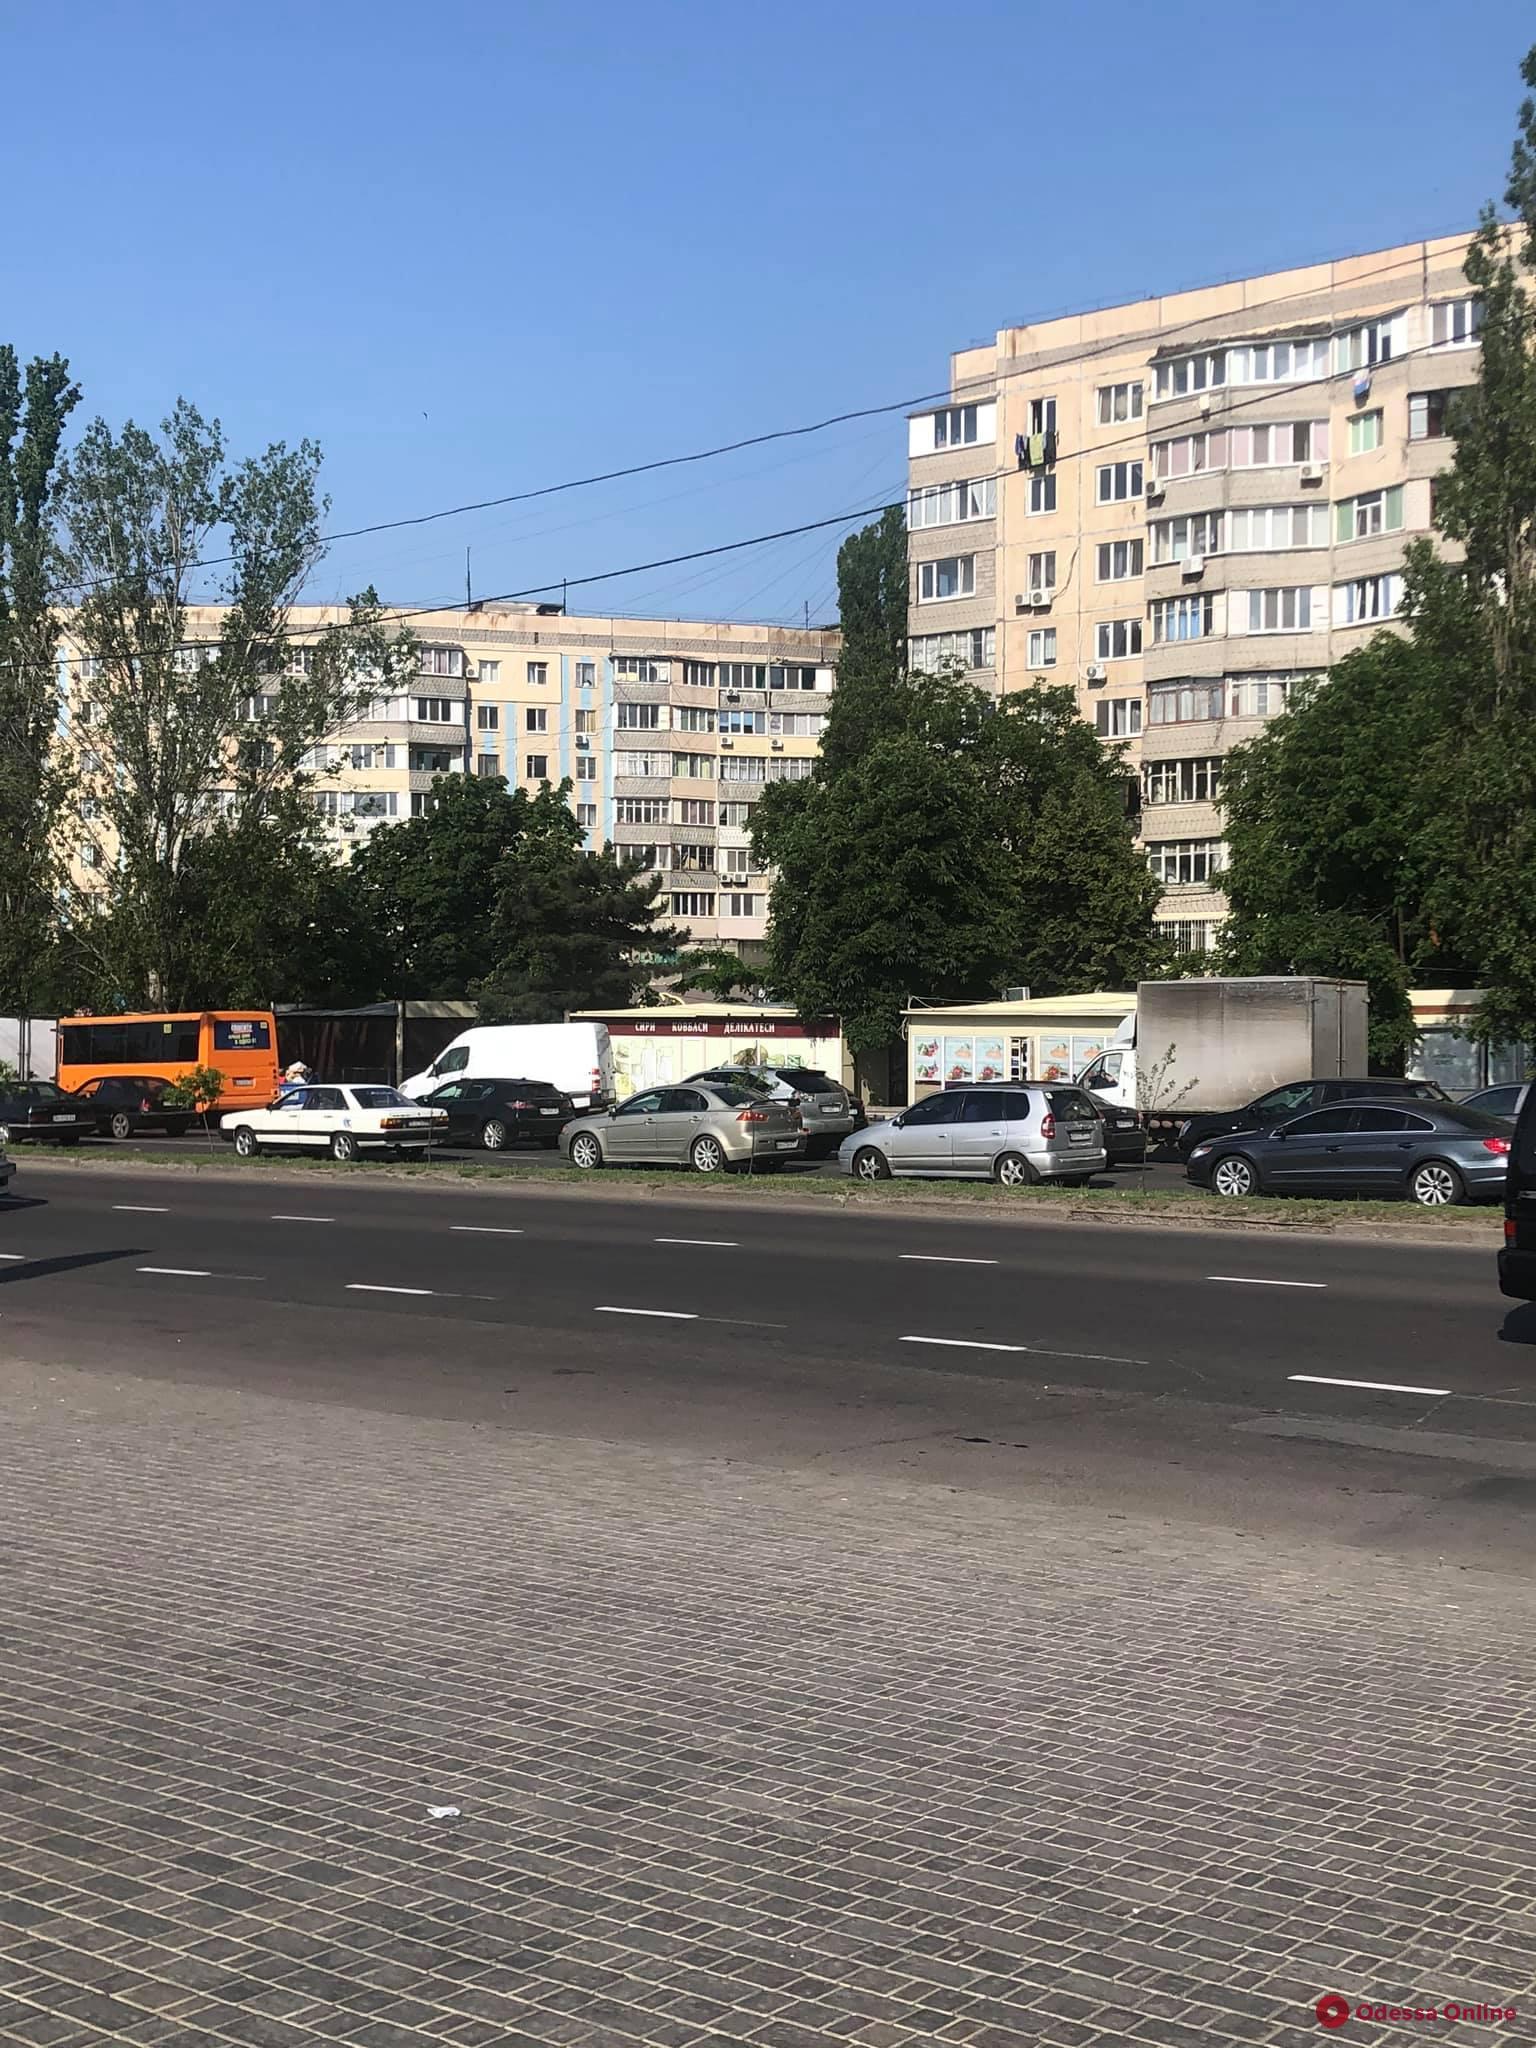 Одесские автомобилисты недовольны, что из-за выделенной полосы им приходится дольше добираться в центр